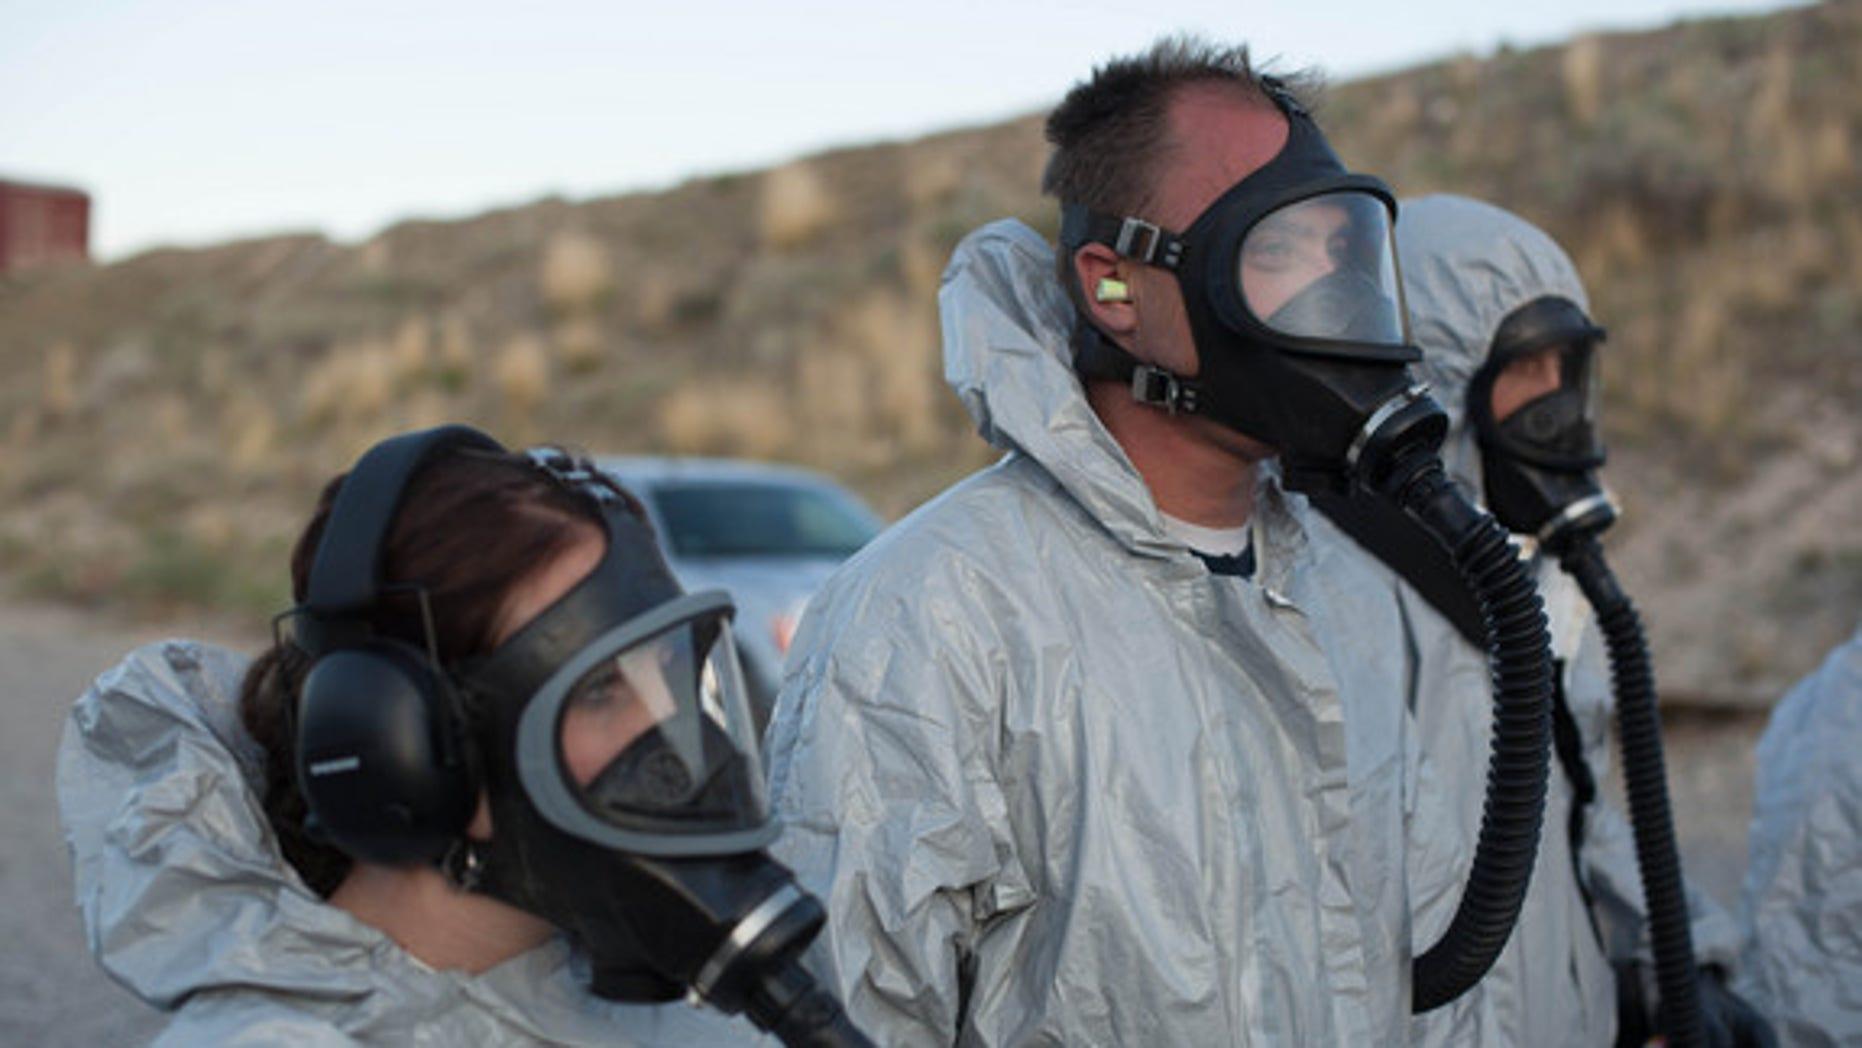 Braxton Southwick and his daughter Rylee prepare for a smallpox epidemic in West Jordan, Utah.